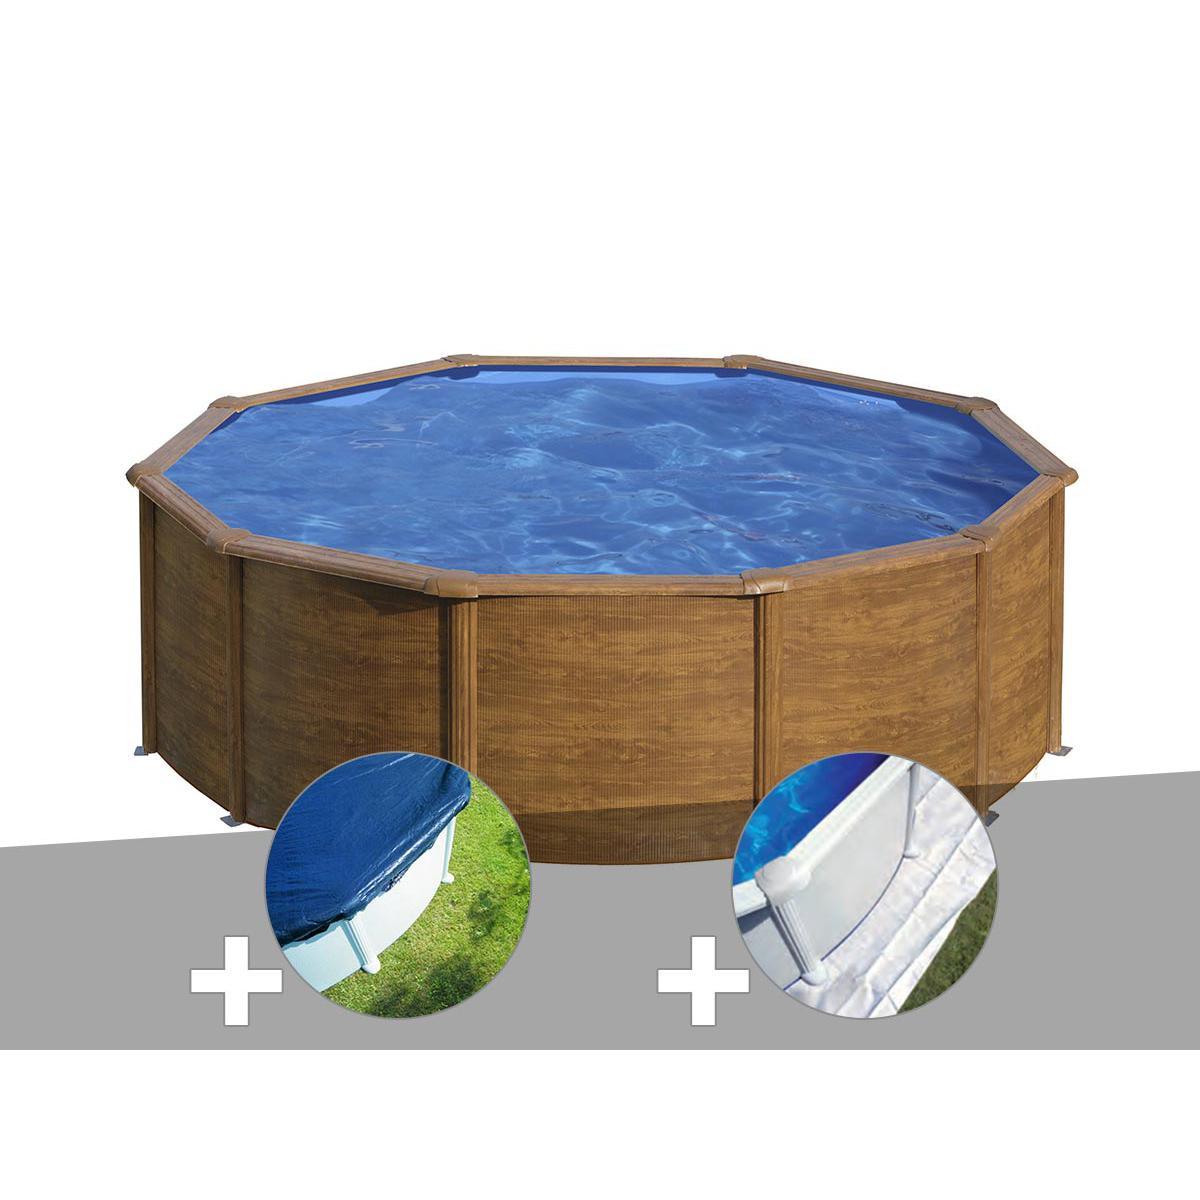 Gre Kit piscine acier aspect bois Gré Sicilia ronde 3,20 x 1,22 m + Bâche hiver + Tapis de sol